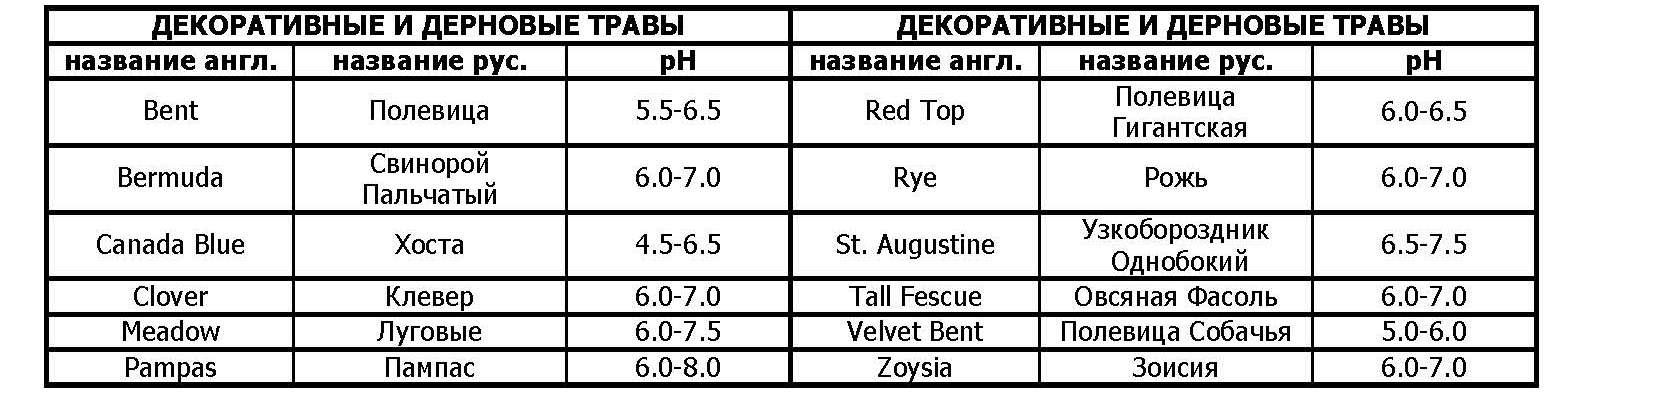 Таблица оптимального уровня кислотности почвы ph